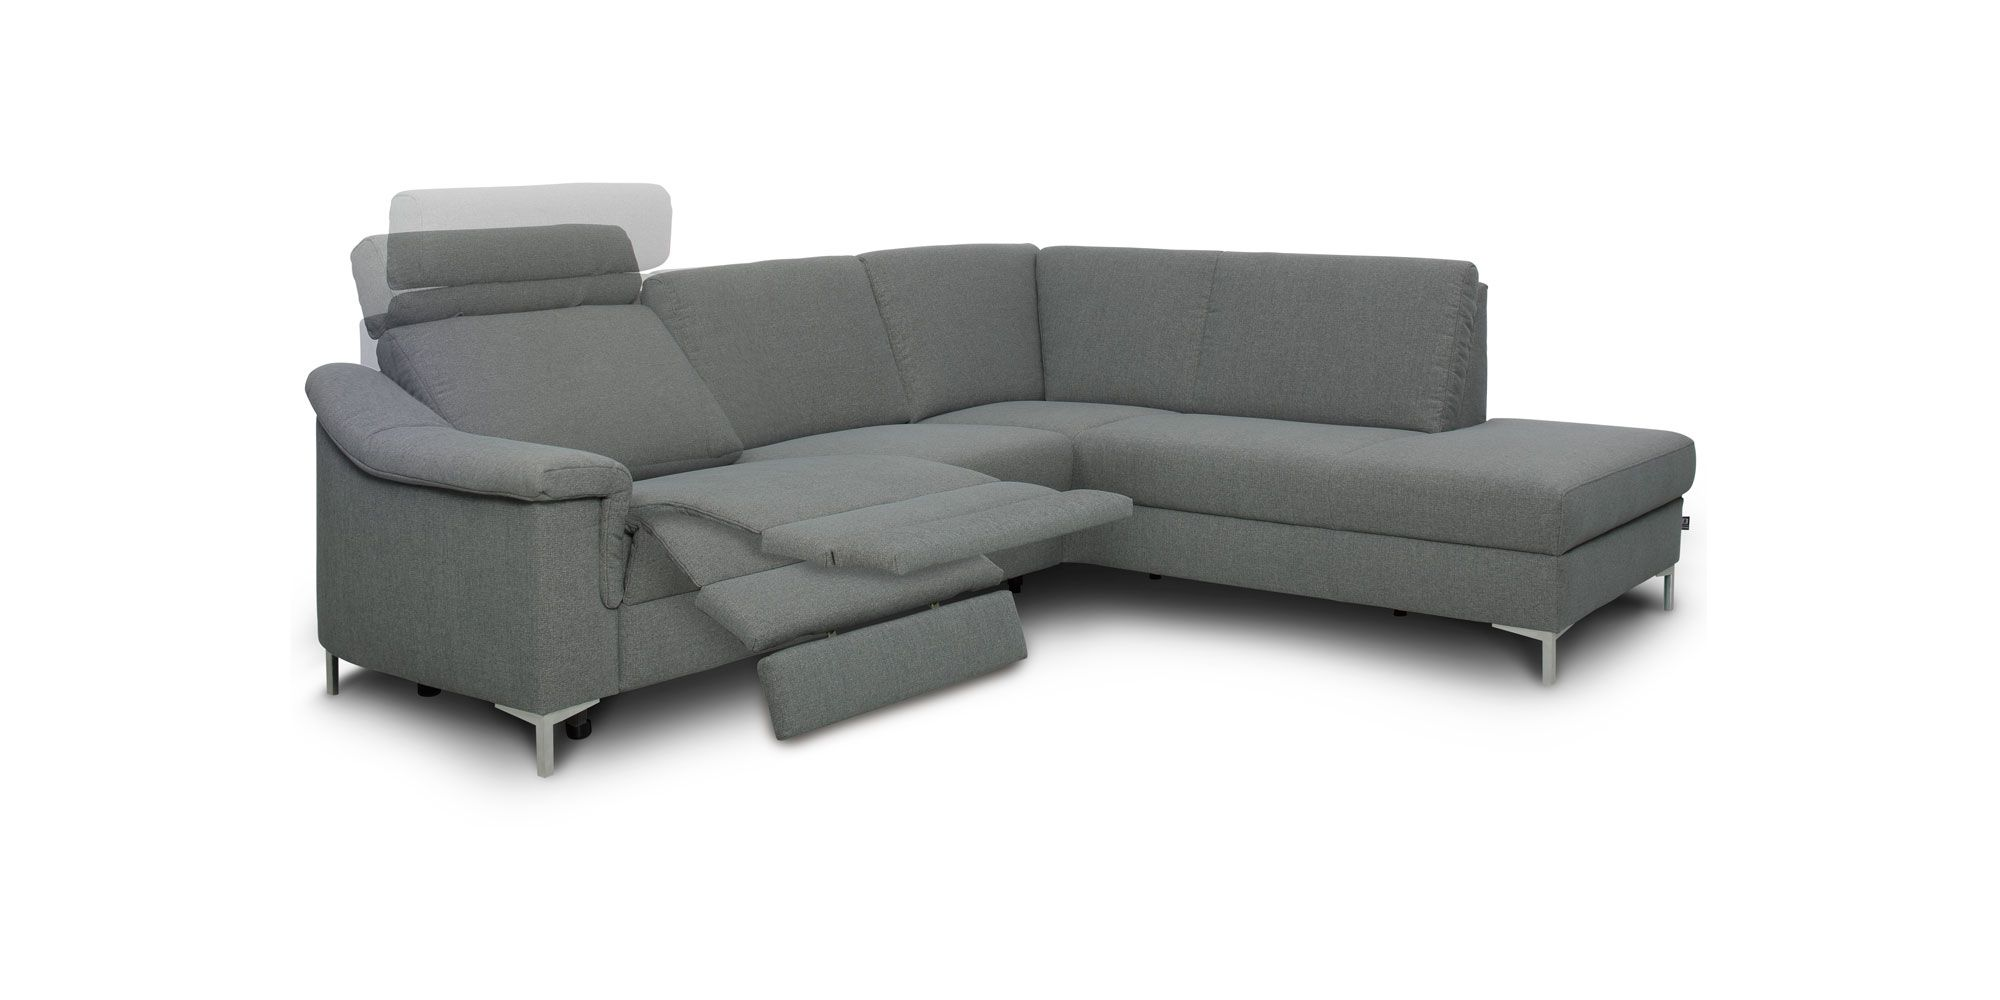 Wunderschön Schillig Sofas Ideen Von | Ewald Brand - Hersteller Von Polstermöbel,